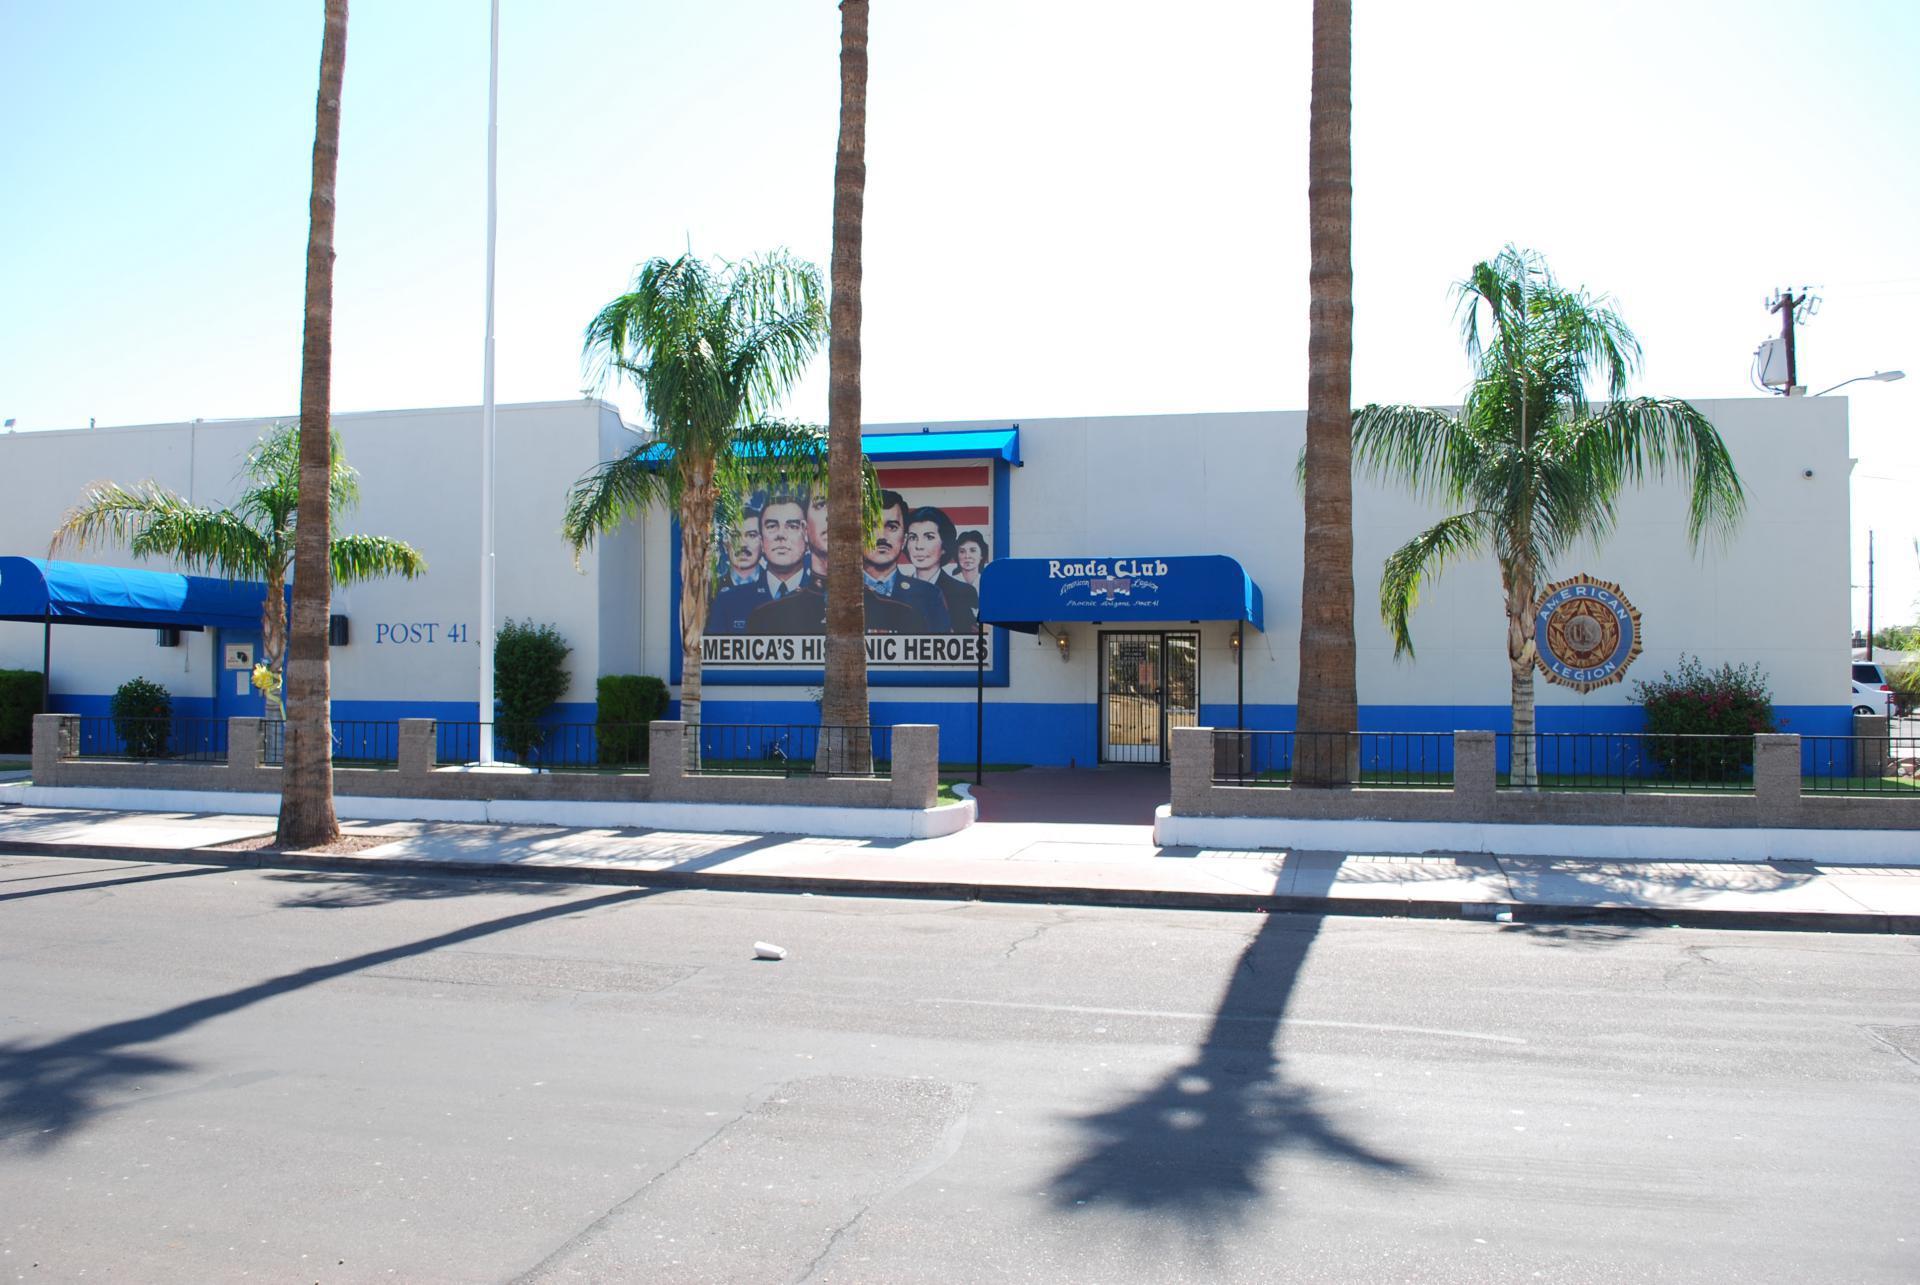 Post 41 Phoenix, Arizona